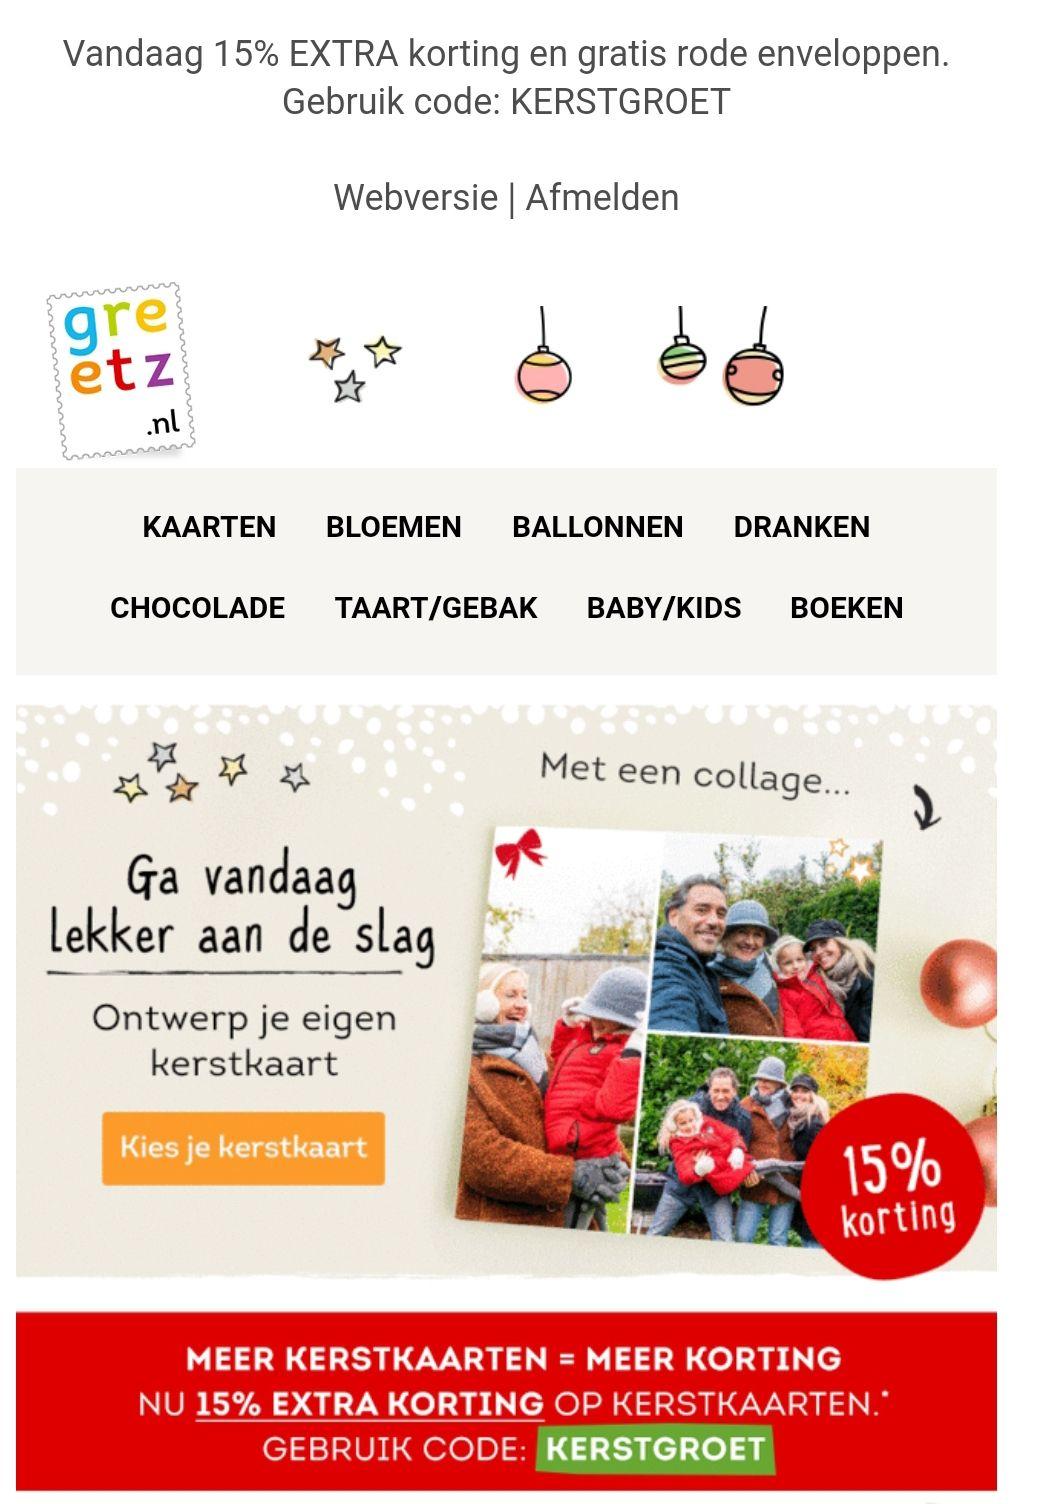 Vandaag 15% EXTRA korting op kerstkaarten en gratis rode enveloppen